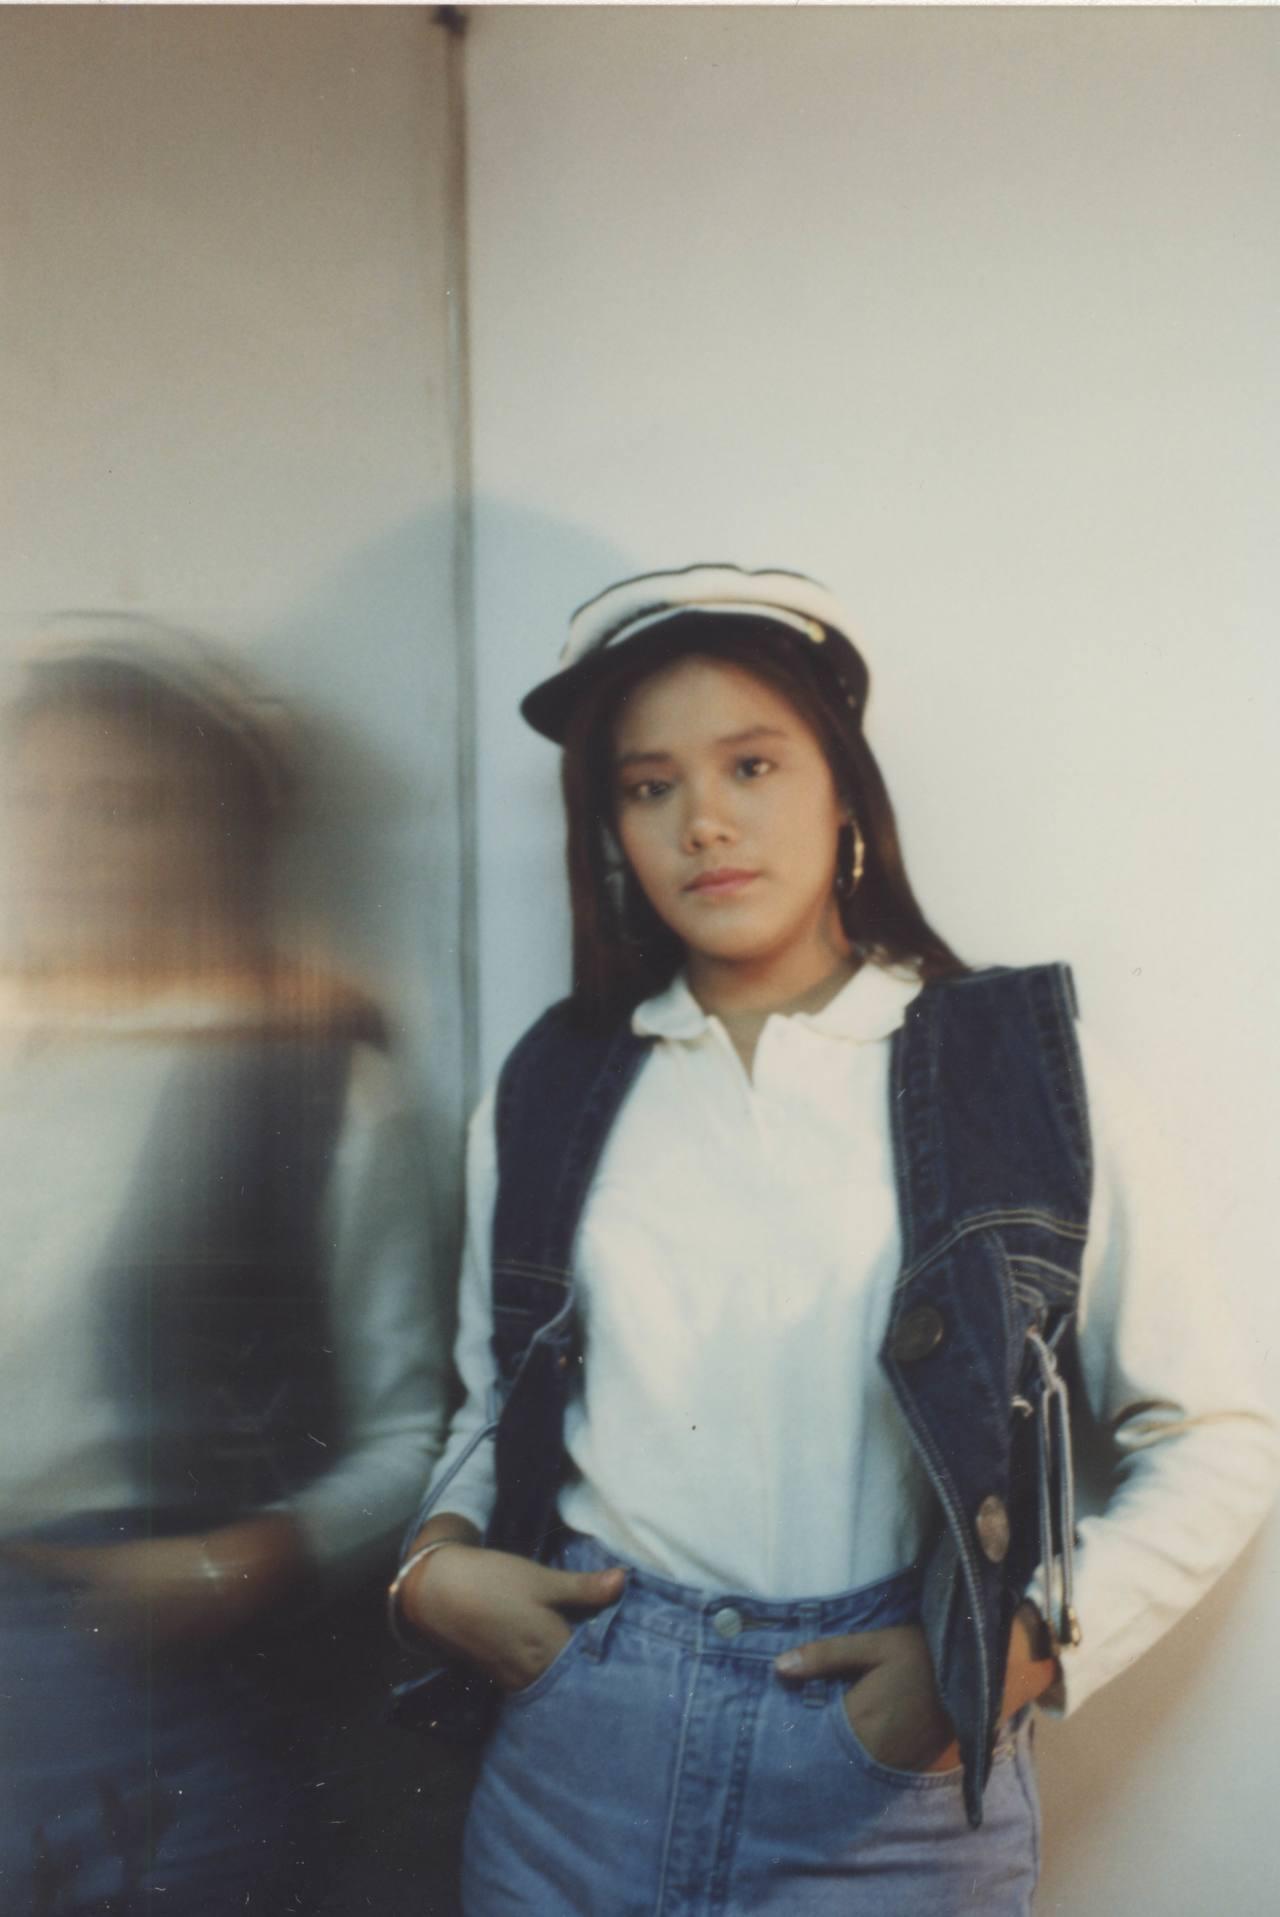 陳翊萱少女時期就十分清秀。圖/艾迪昇提供